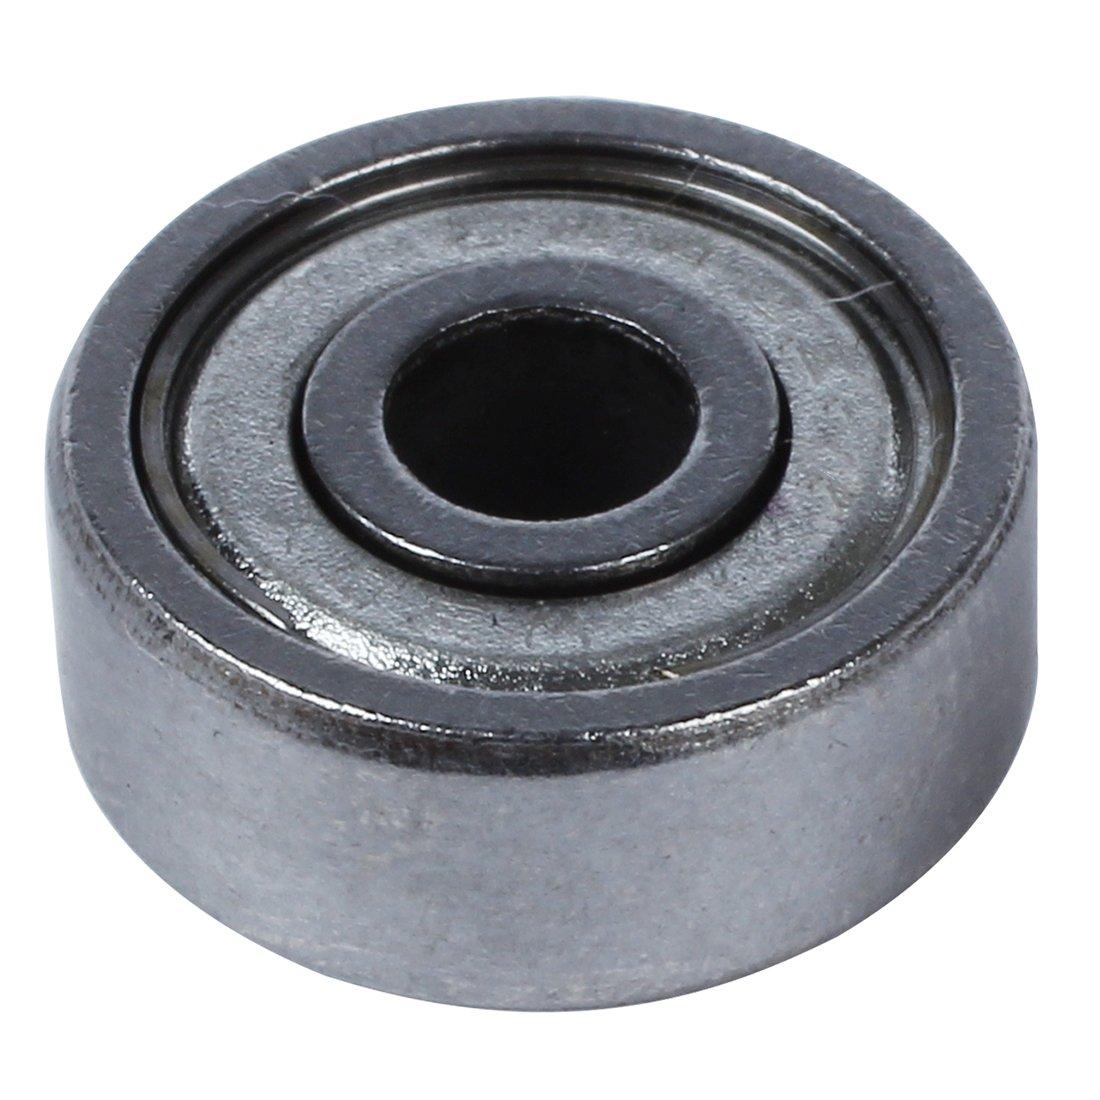 SODIAL (R) 10 pz 4mm x 13mm x 5mm 6001Z schermati gola profonda cuscinetto radiale a sfere Riga singola SODIAL(R)